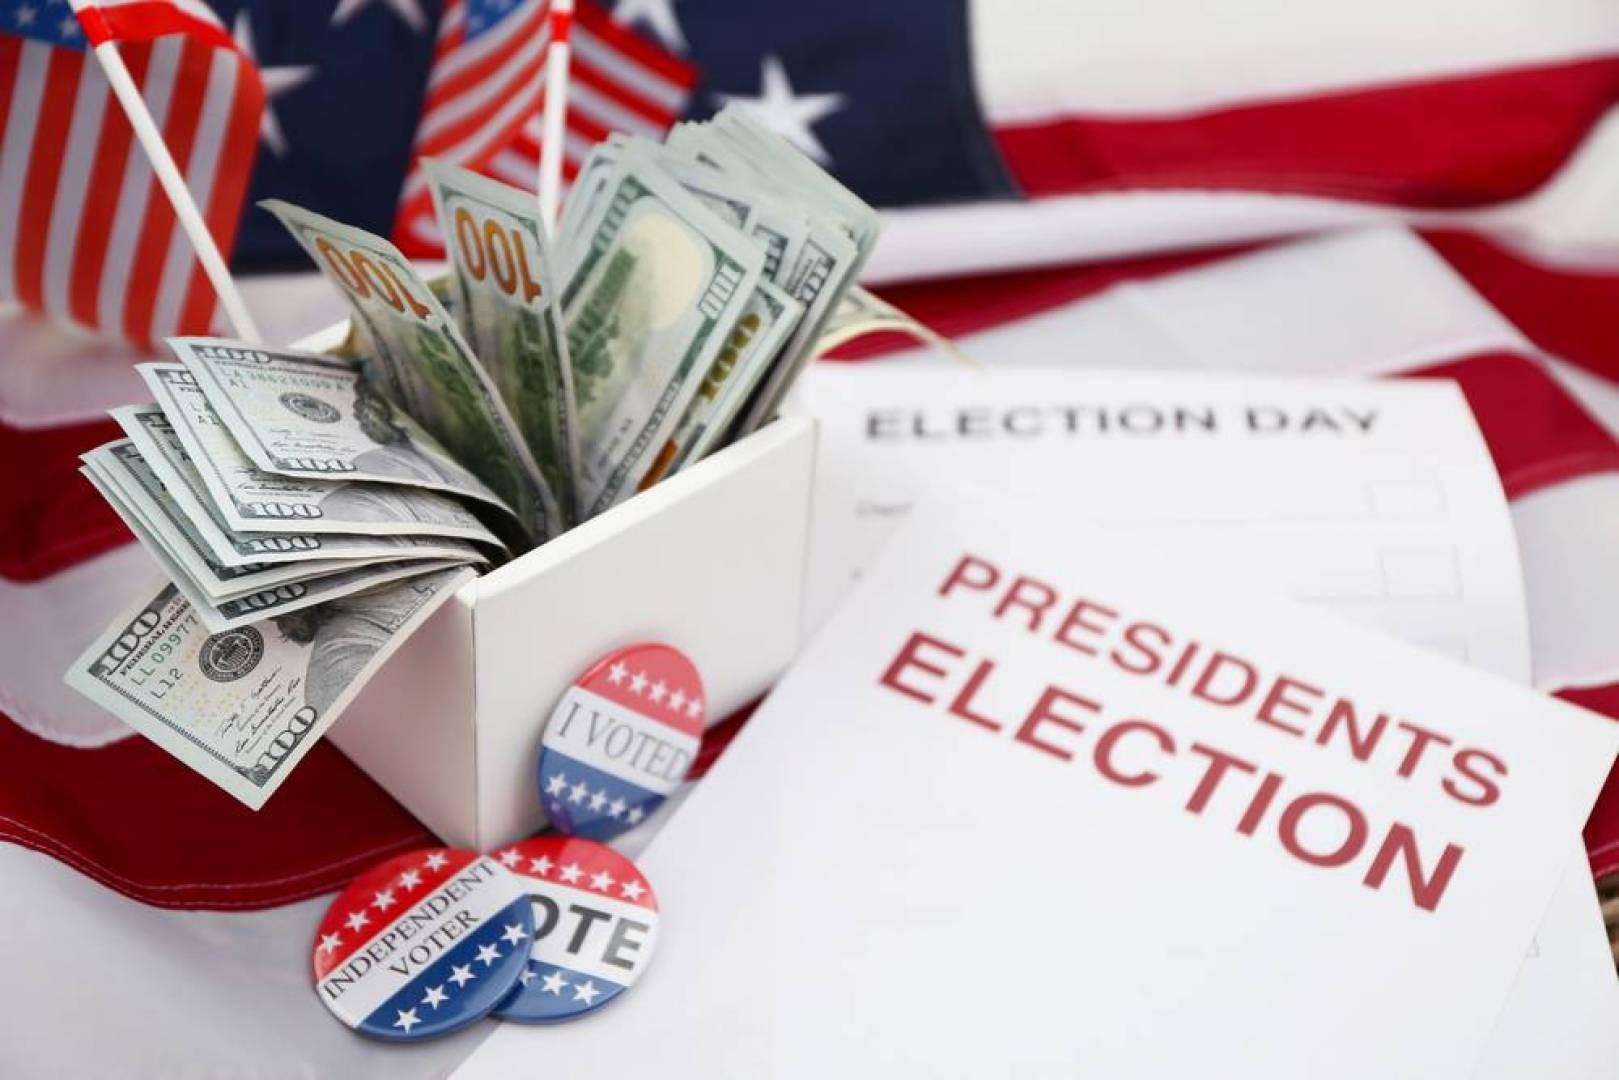 14 مليار دولار.. قيمة الإنفاق على الانتخابات الرئاسية الأميركية